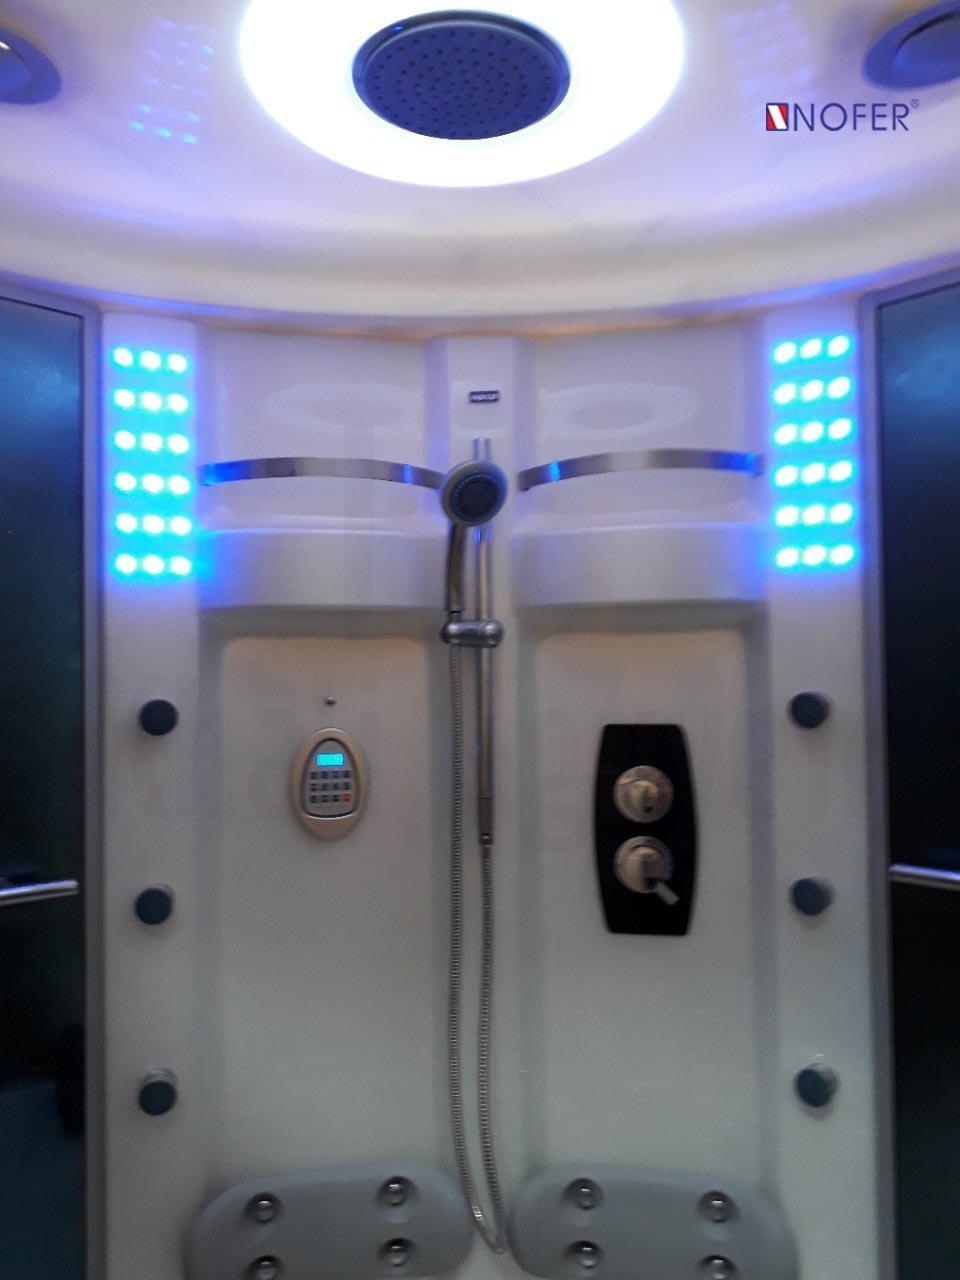 Phòng xông hơi Nofer VS-809 - Hình 3